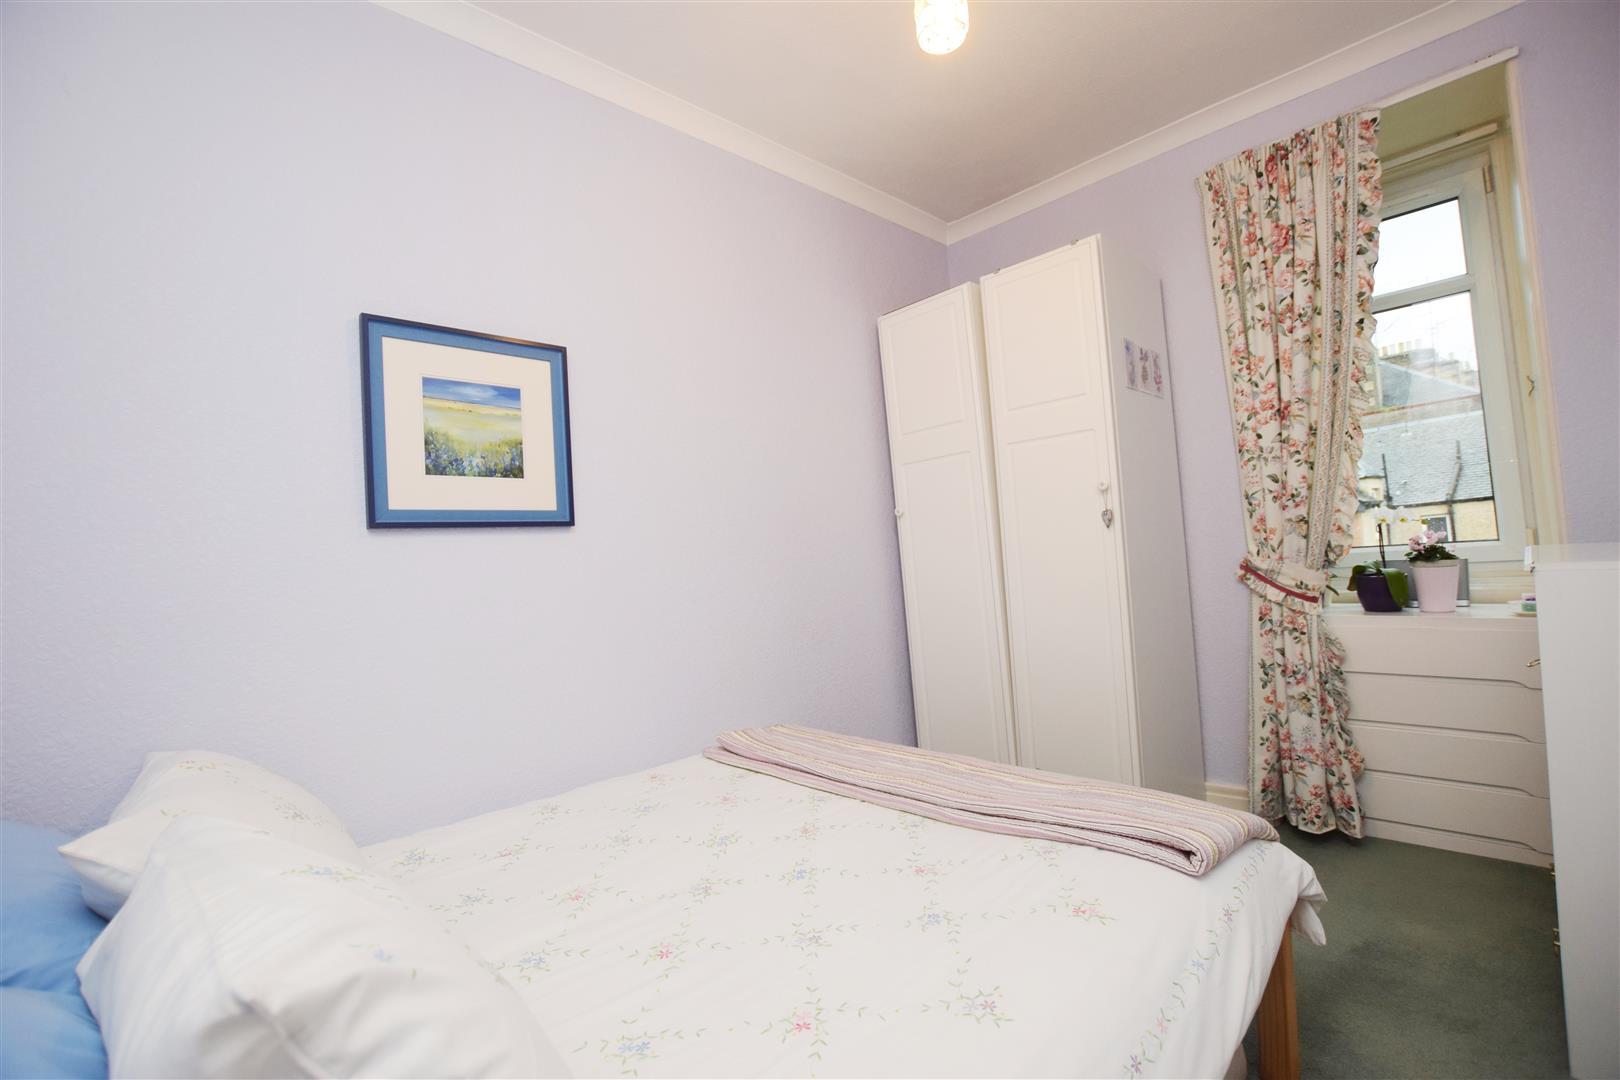 Flat 6, 2, Hawarden Terrace, Perth, Perthshire, PH1 1PA, UK